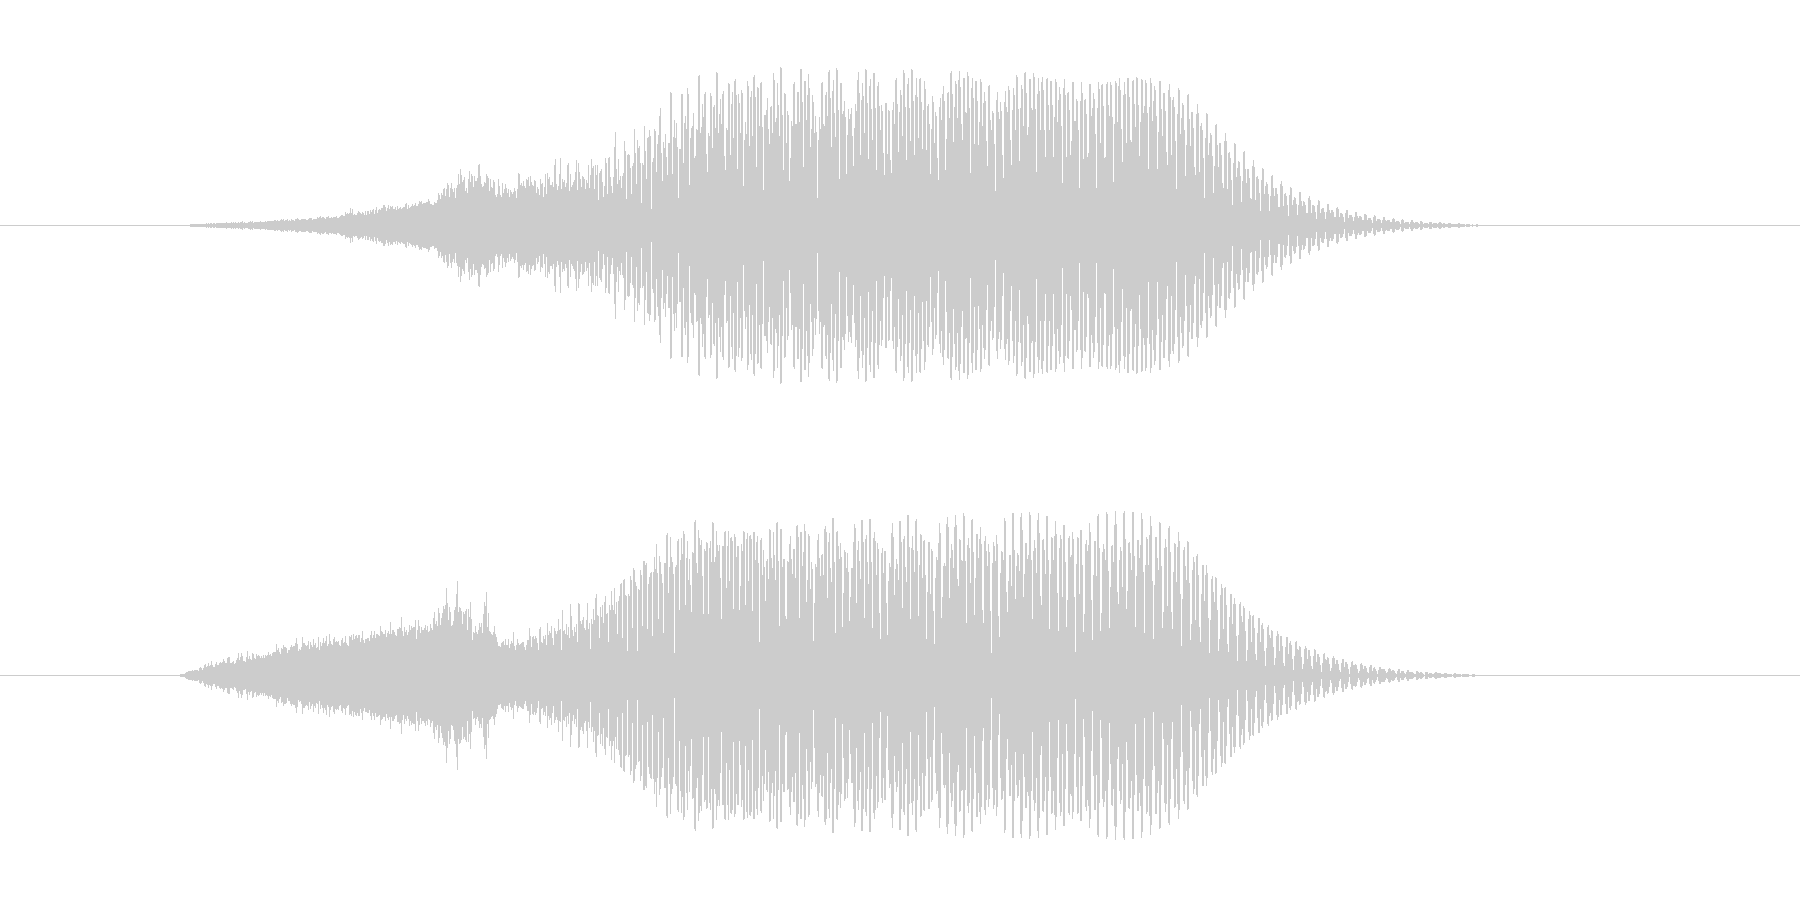 ハリウッドSF_流行_低音_ブーン_01の未再生の波形